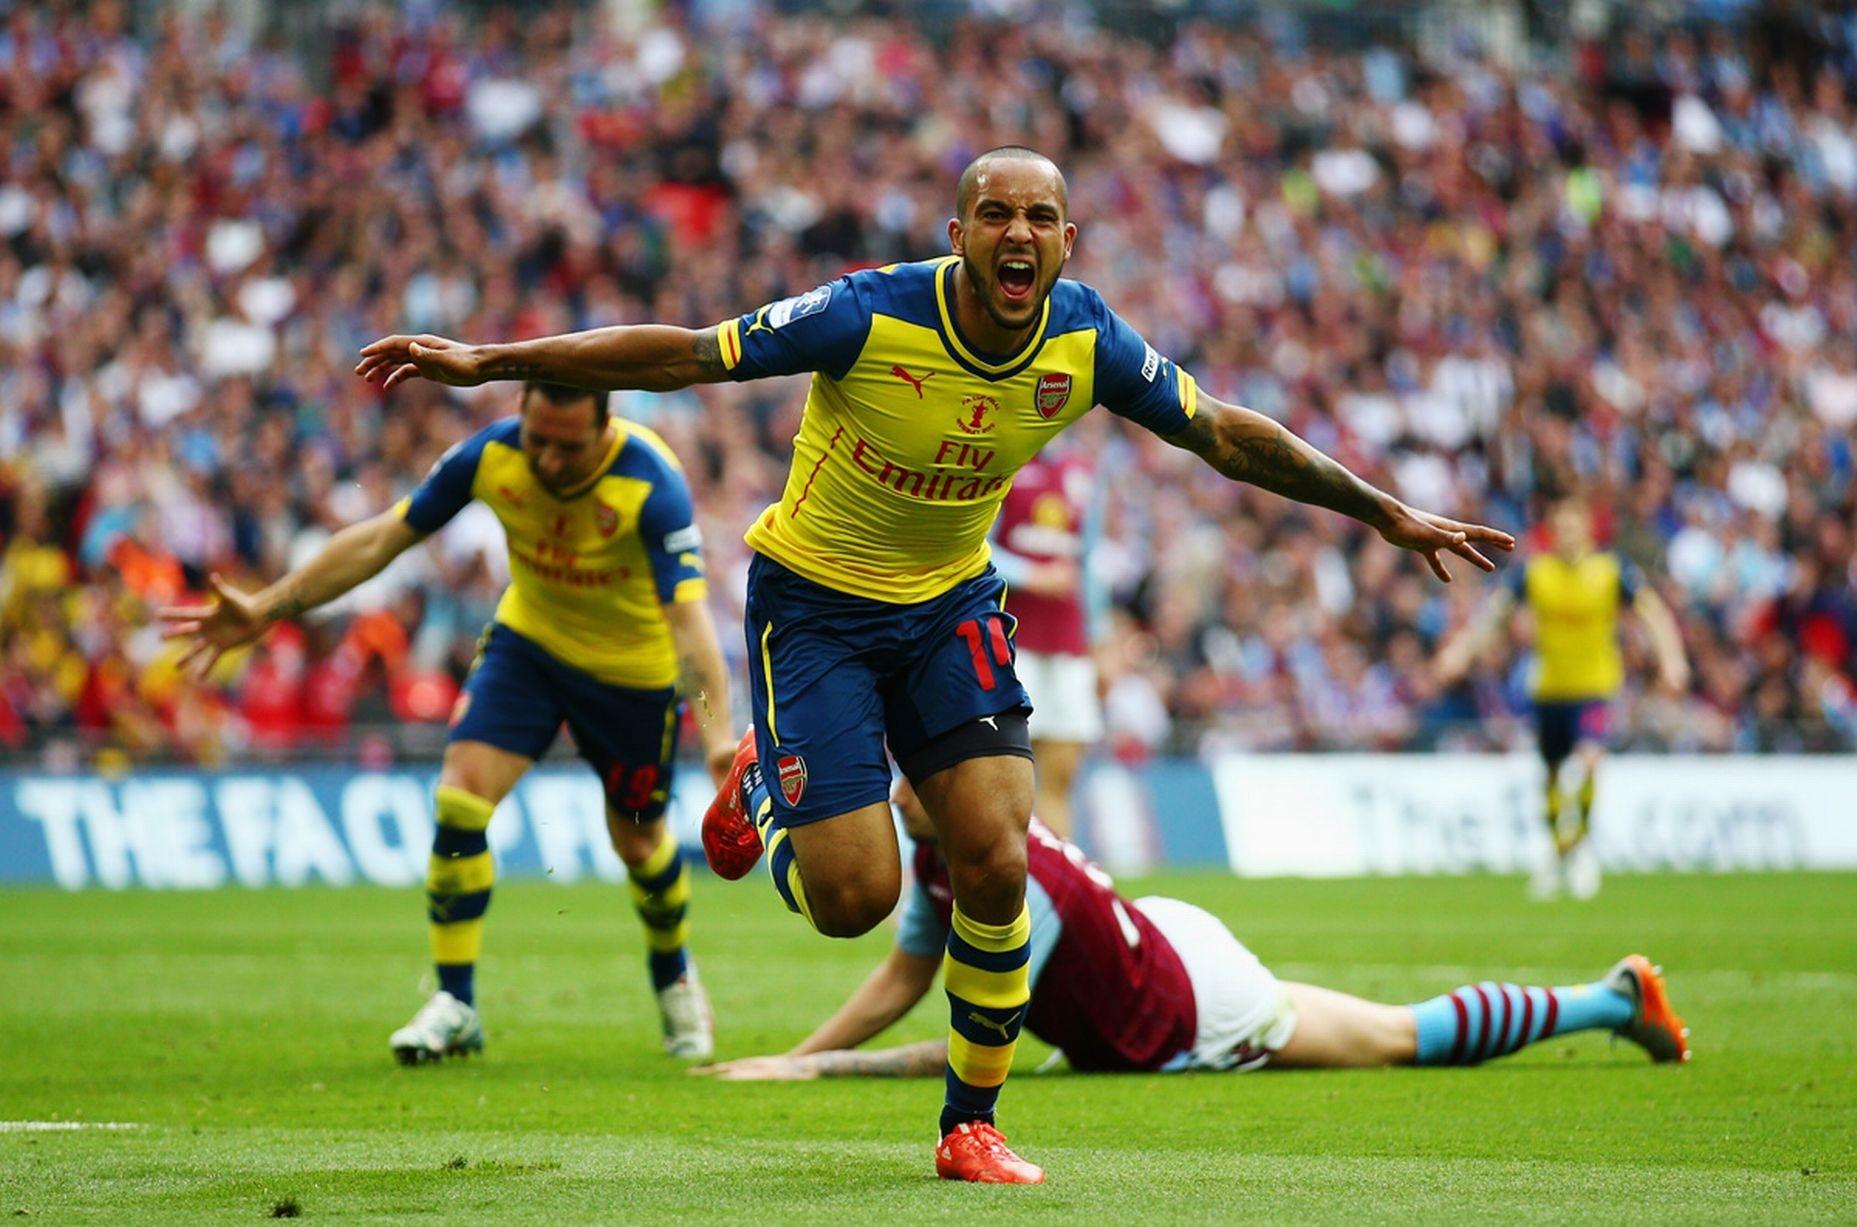 Niềm vui của Walcott sau khi mở tỉ số cho Arsenal